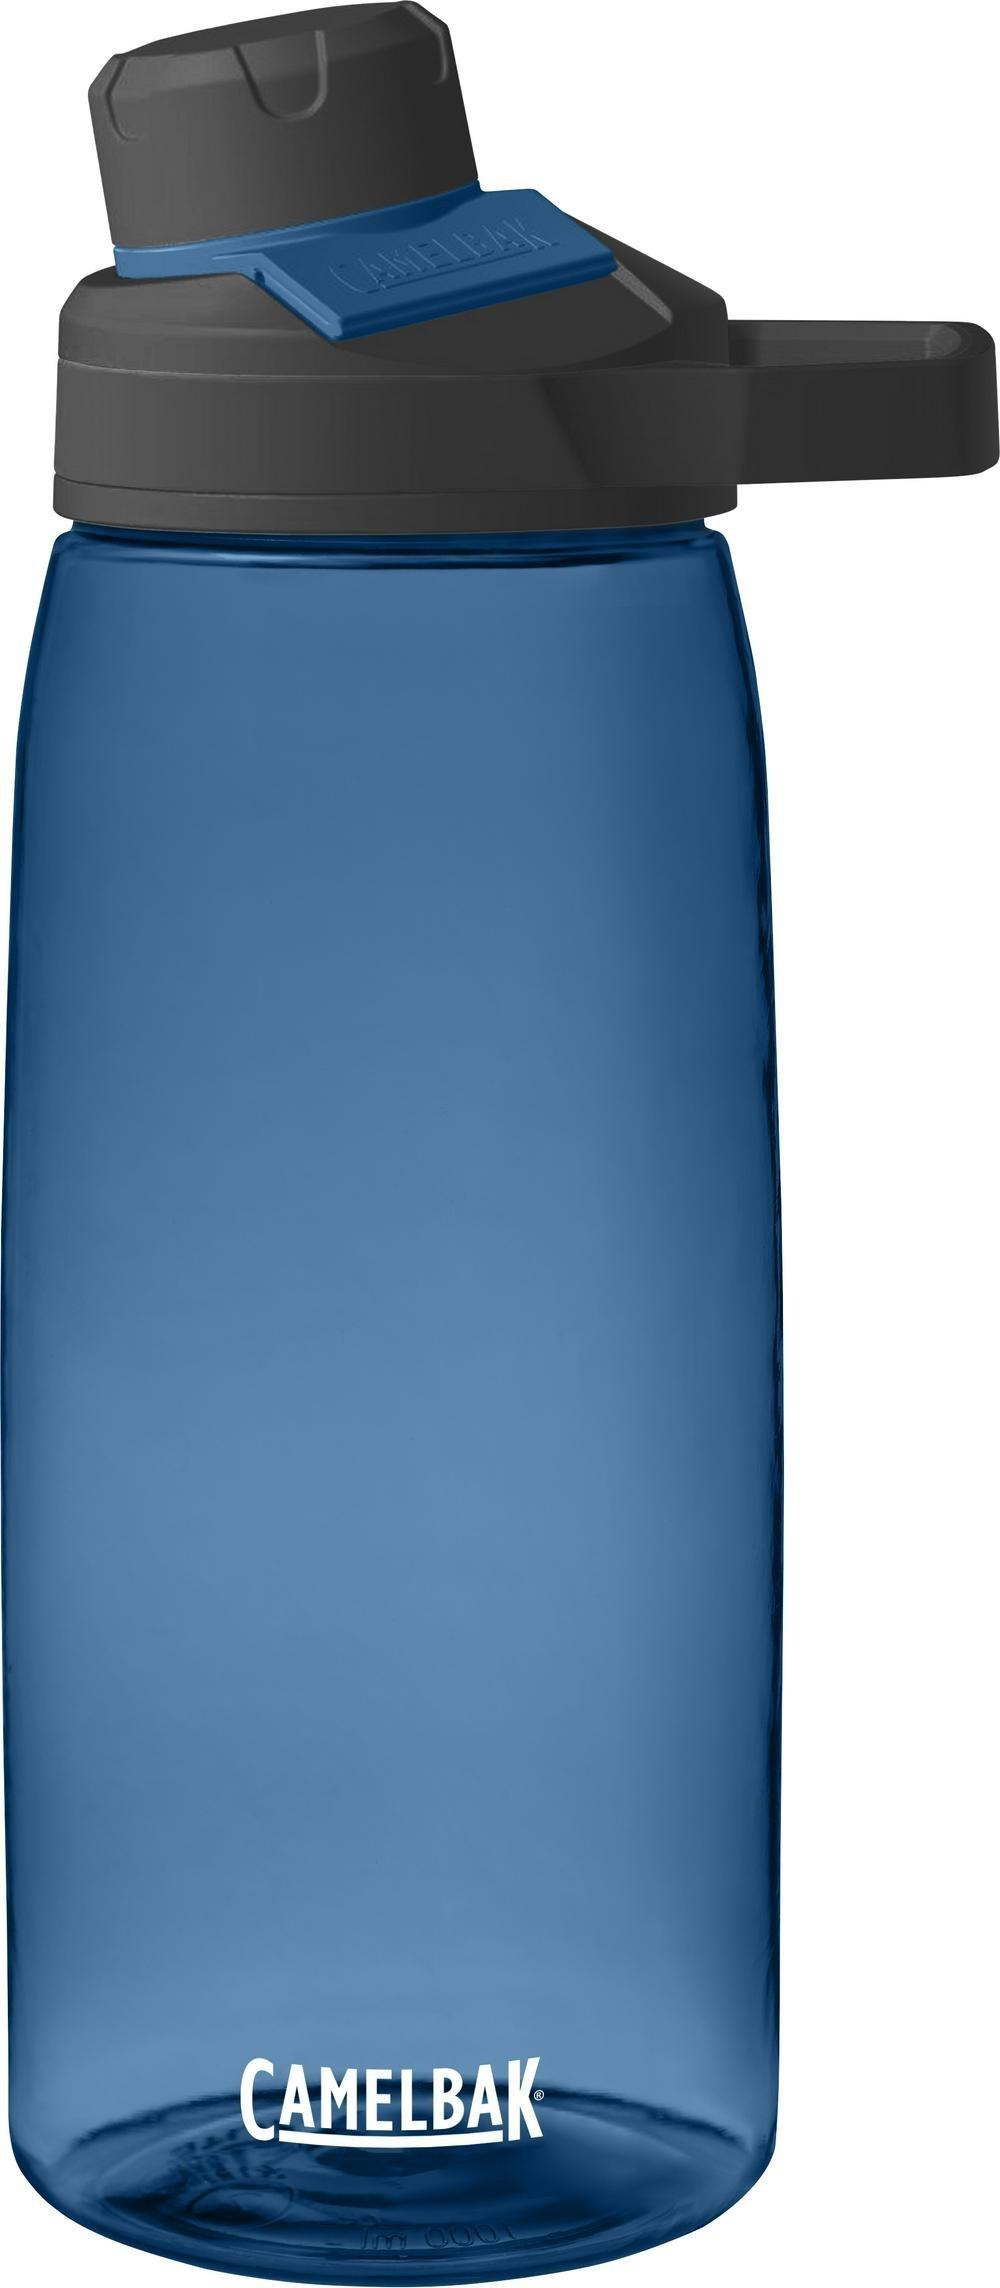 CamelBak Chute Mag Water Bottle, 32oz, Bluegrass